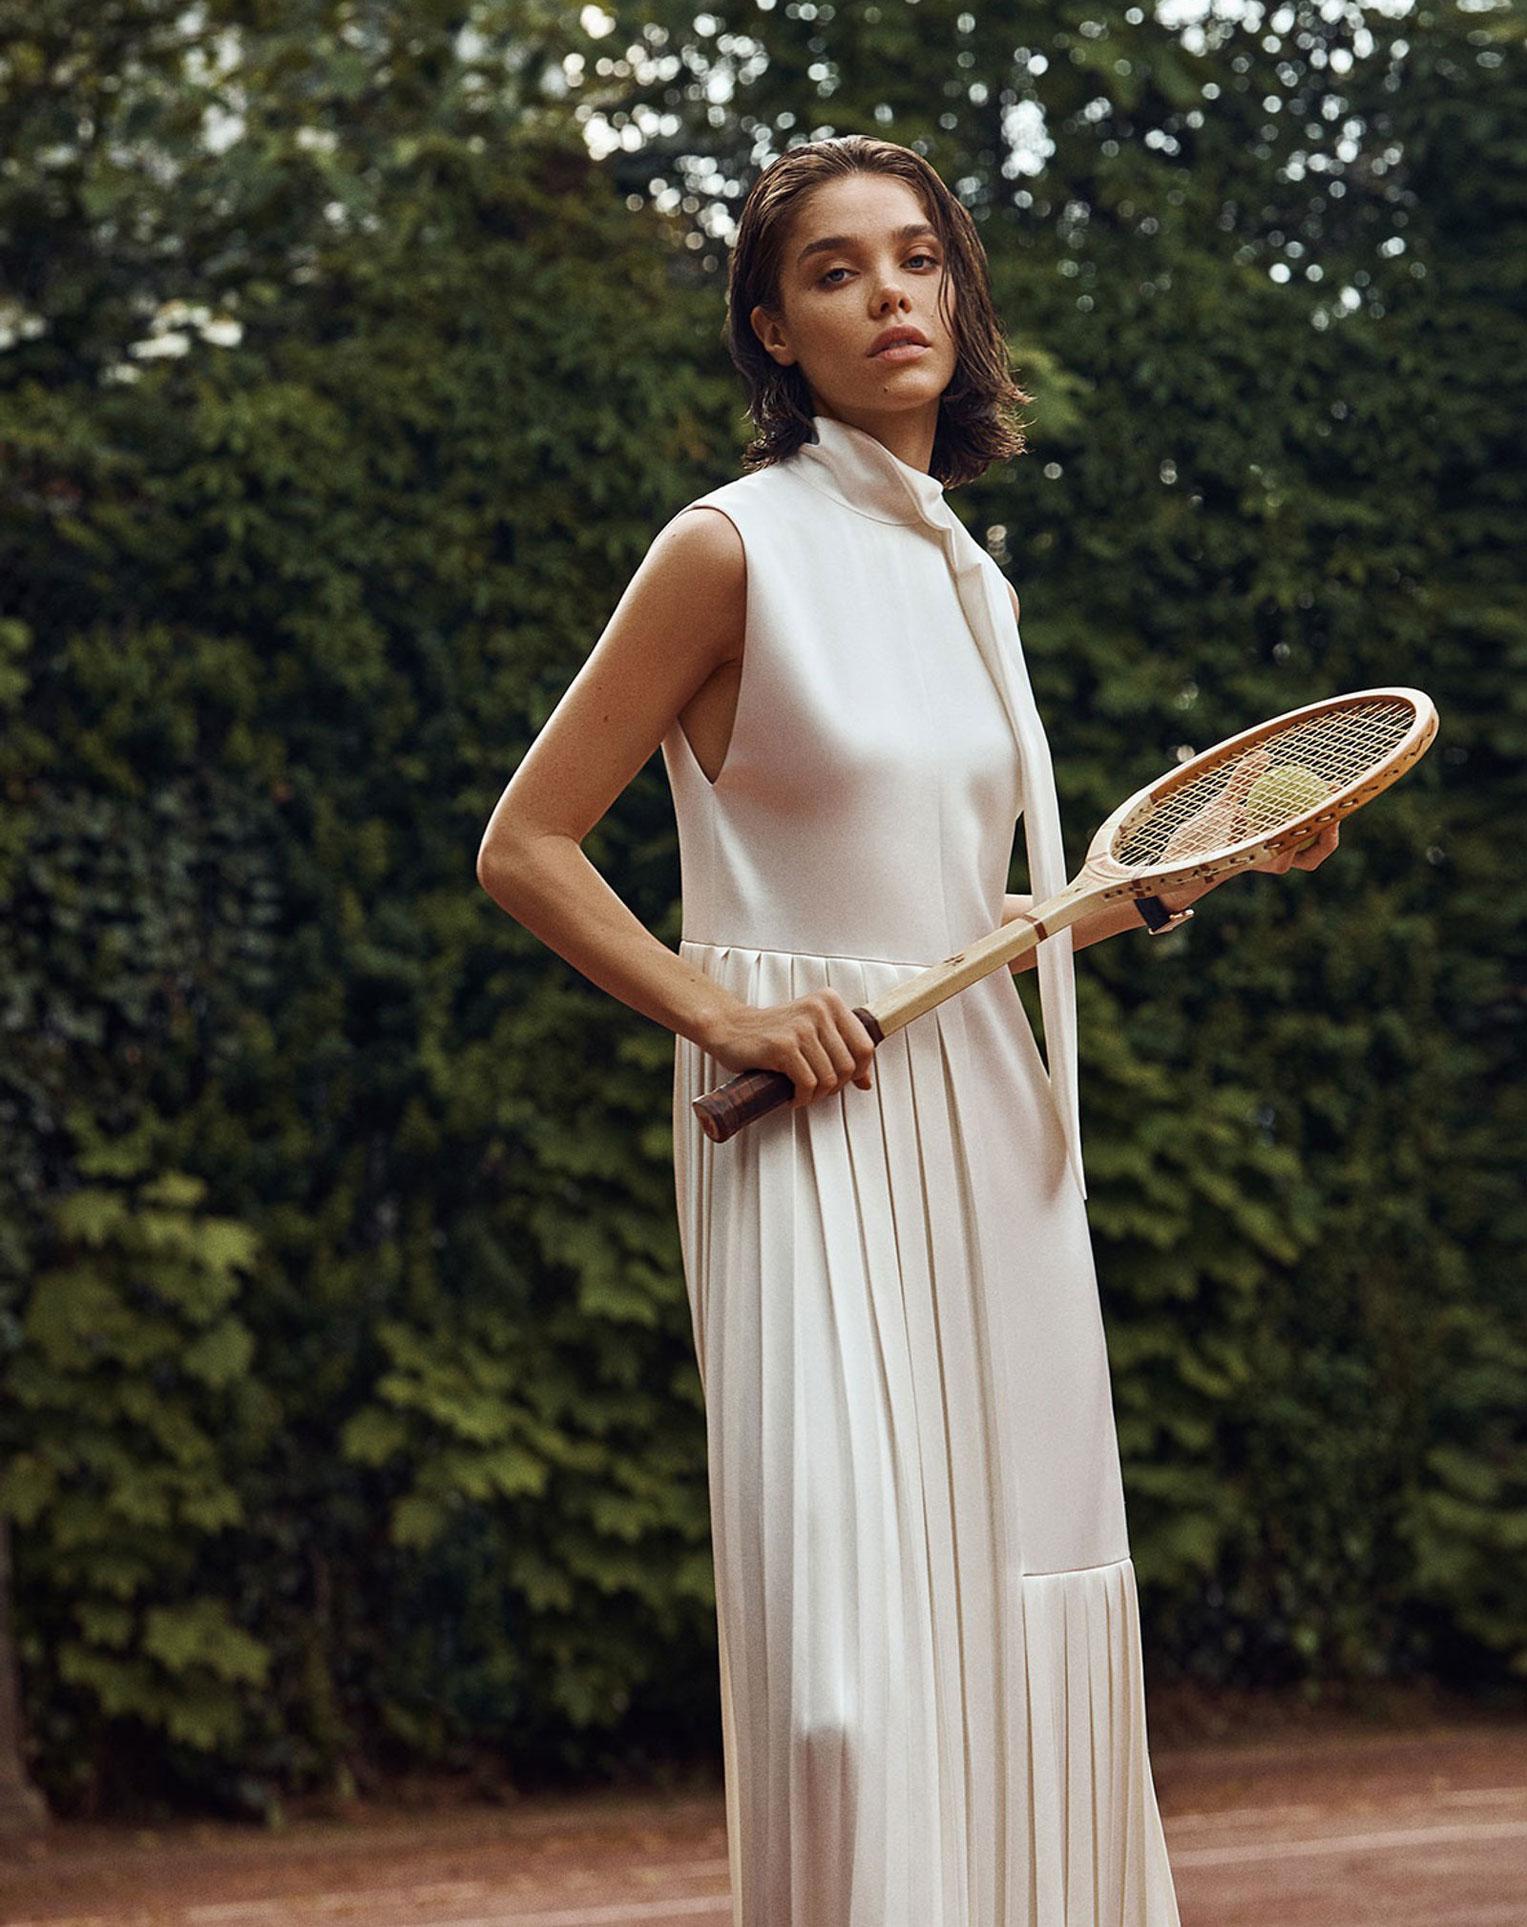 -Королева кортов- Мишель Дантас в модной одежде спортивного стиля / фото 10